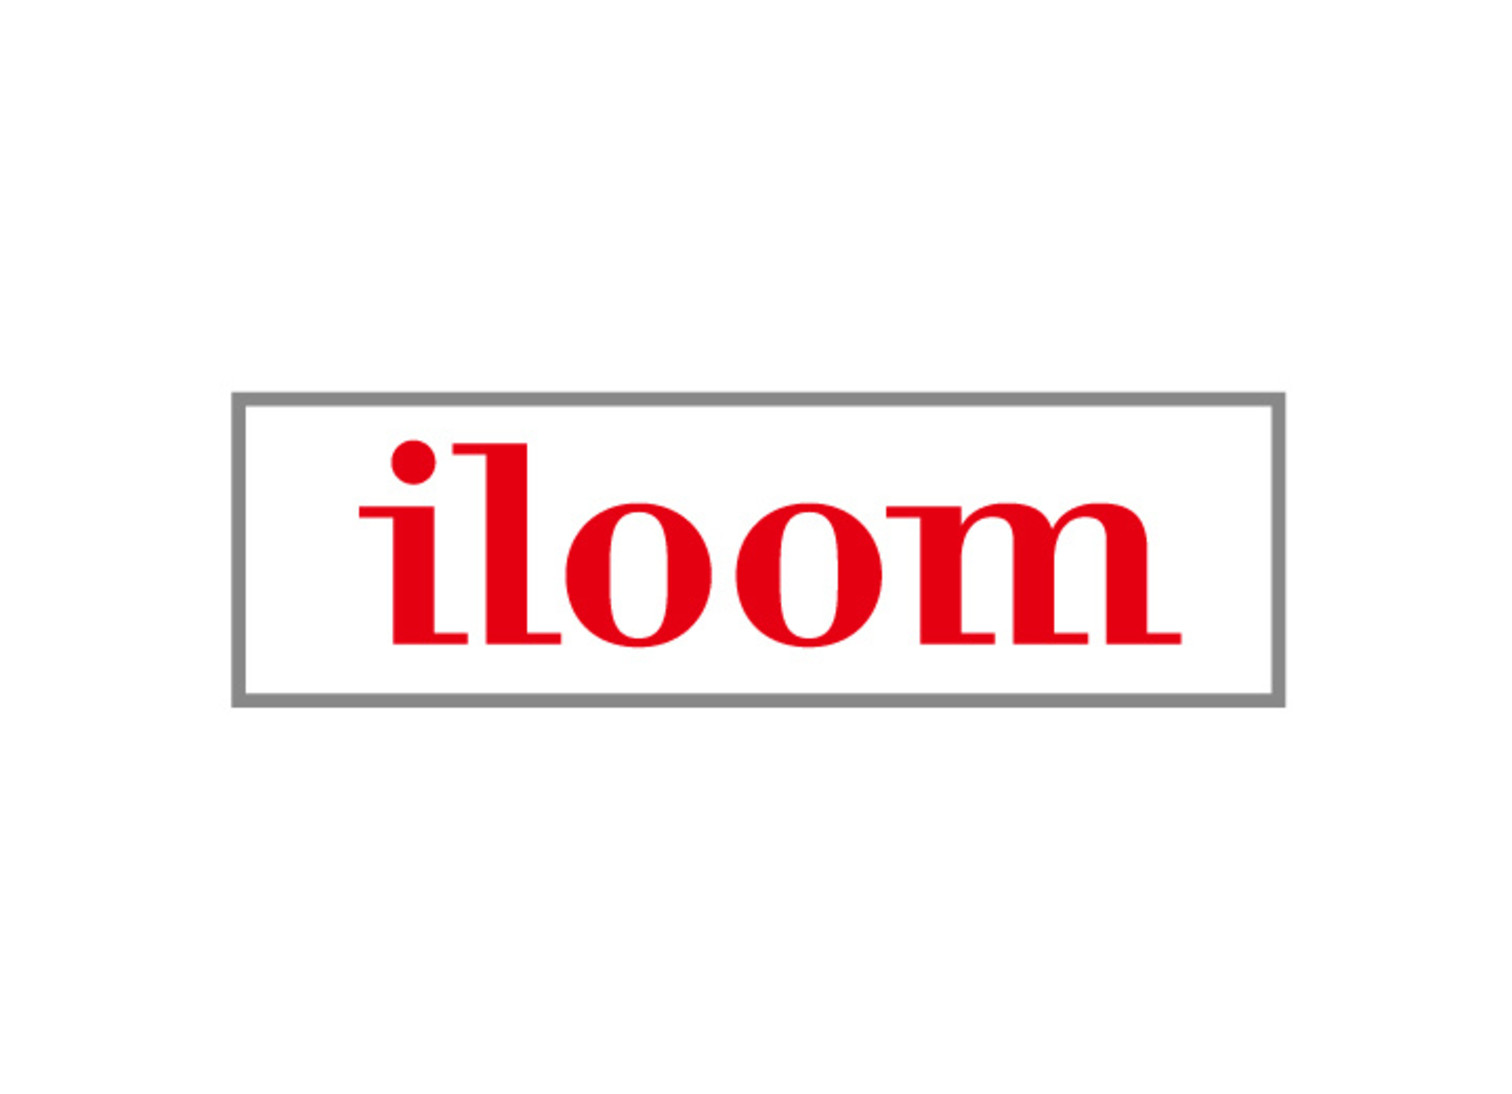 iLOOM